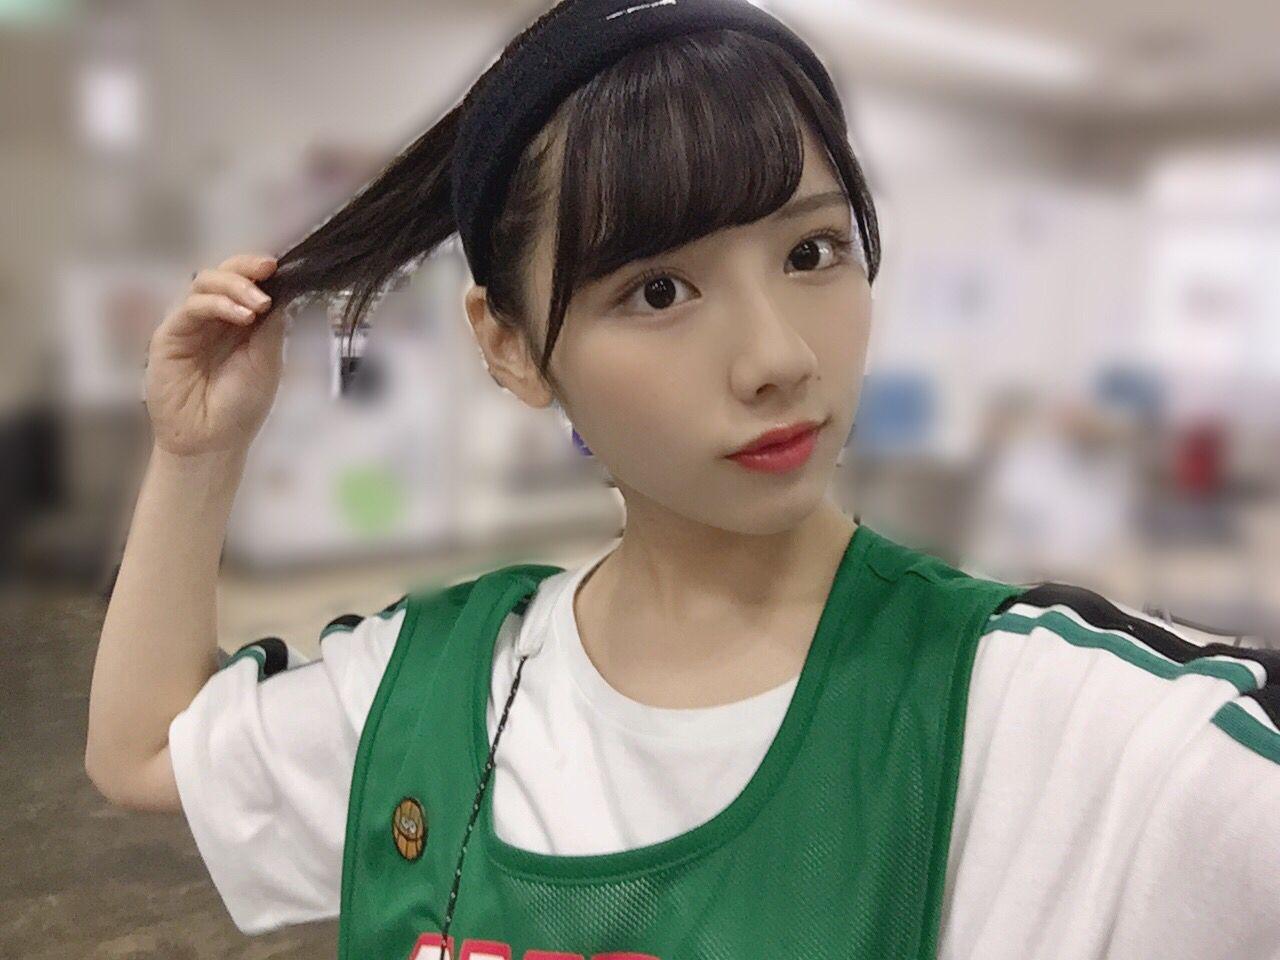 渡邉美穂の画像 p1_7